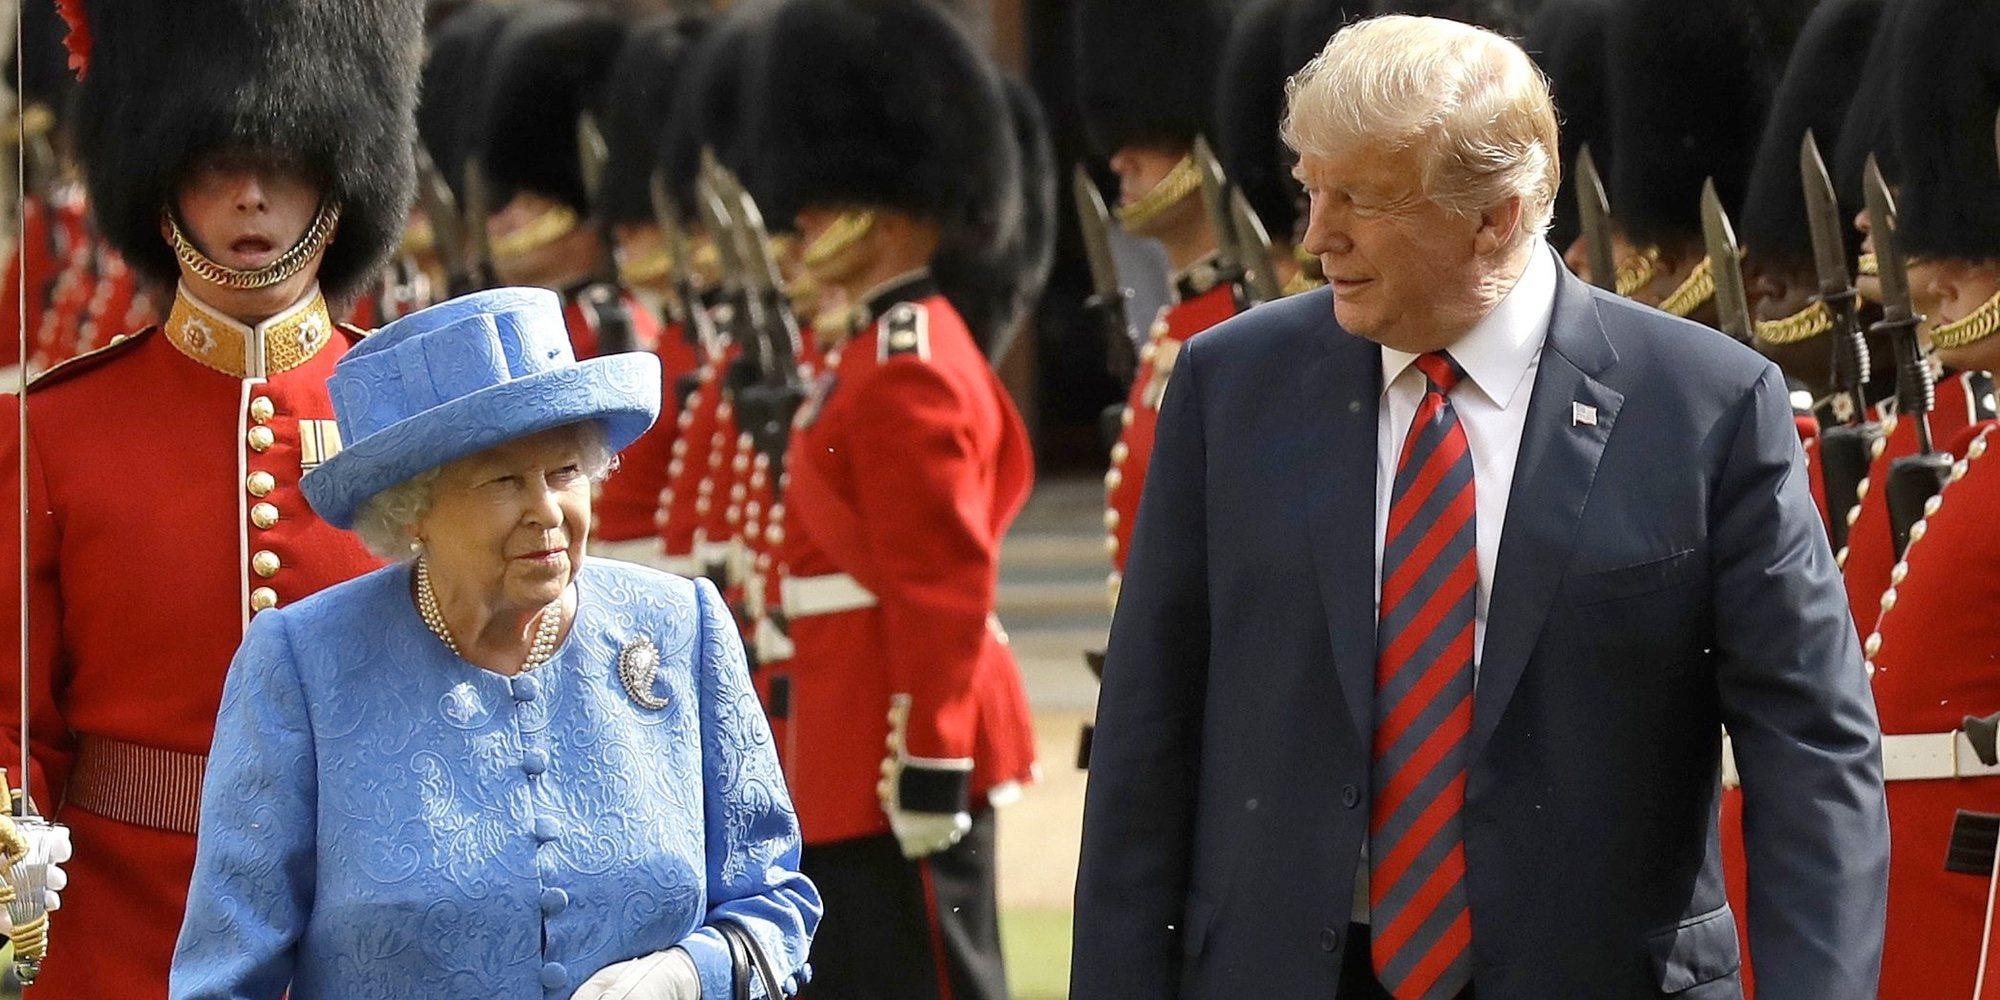 De la metedura de pata de Donald Trump con la Reina Isabel a la pillada de James Mountbatten Windsor al volante